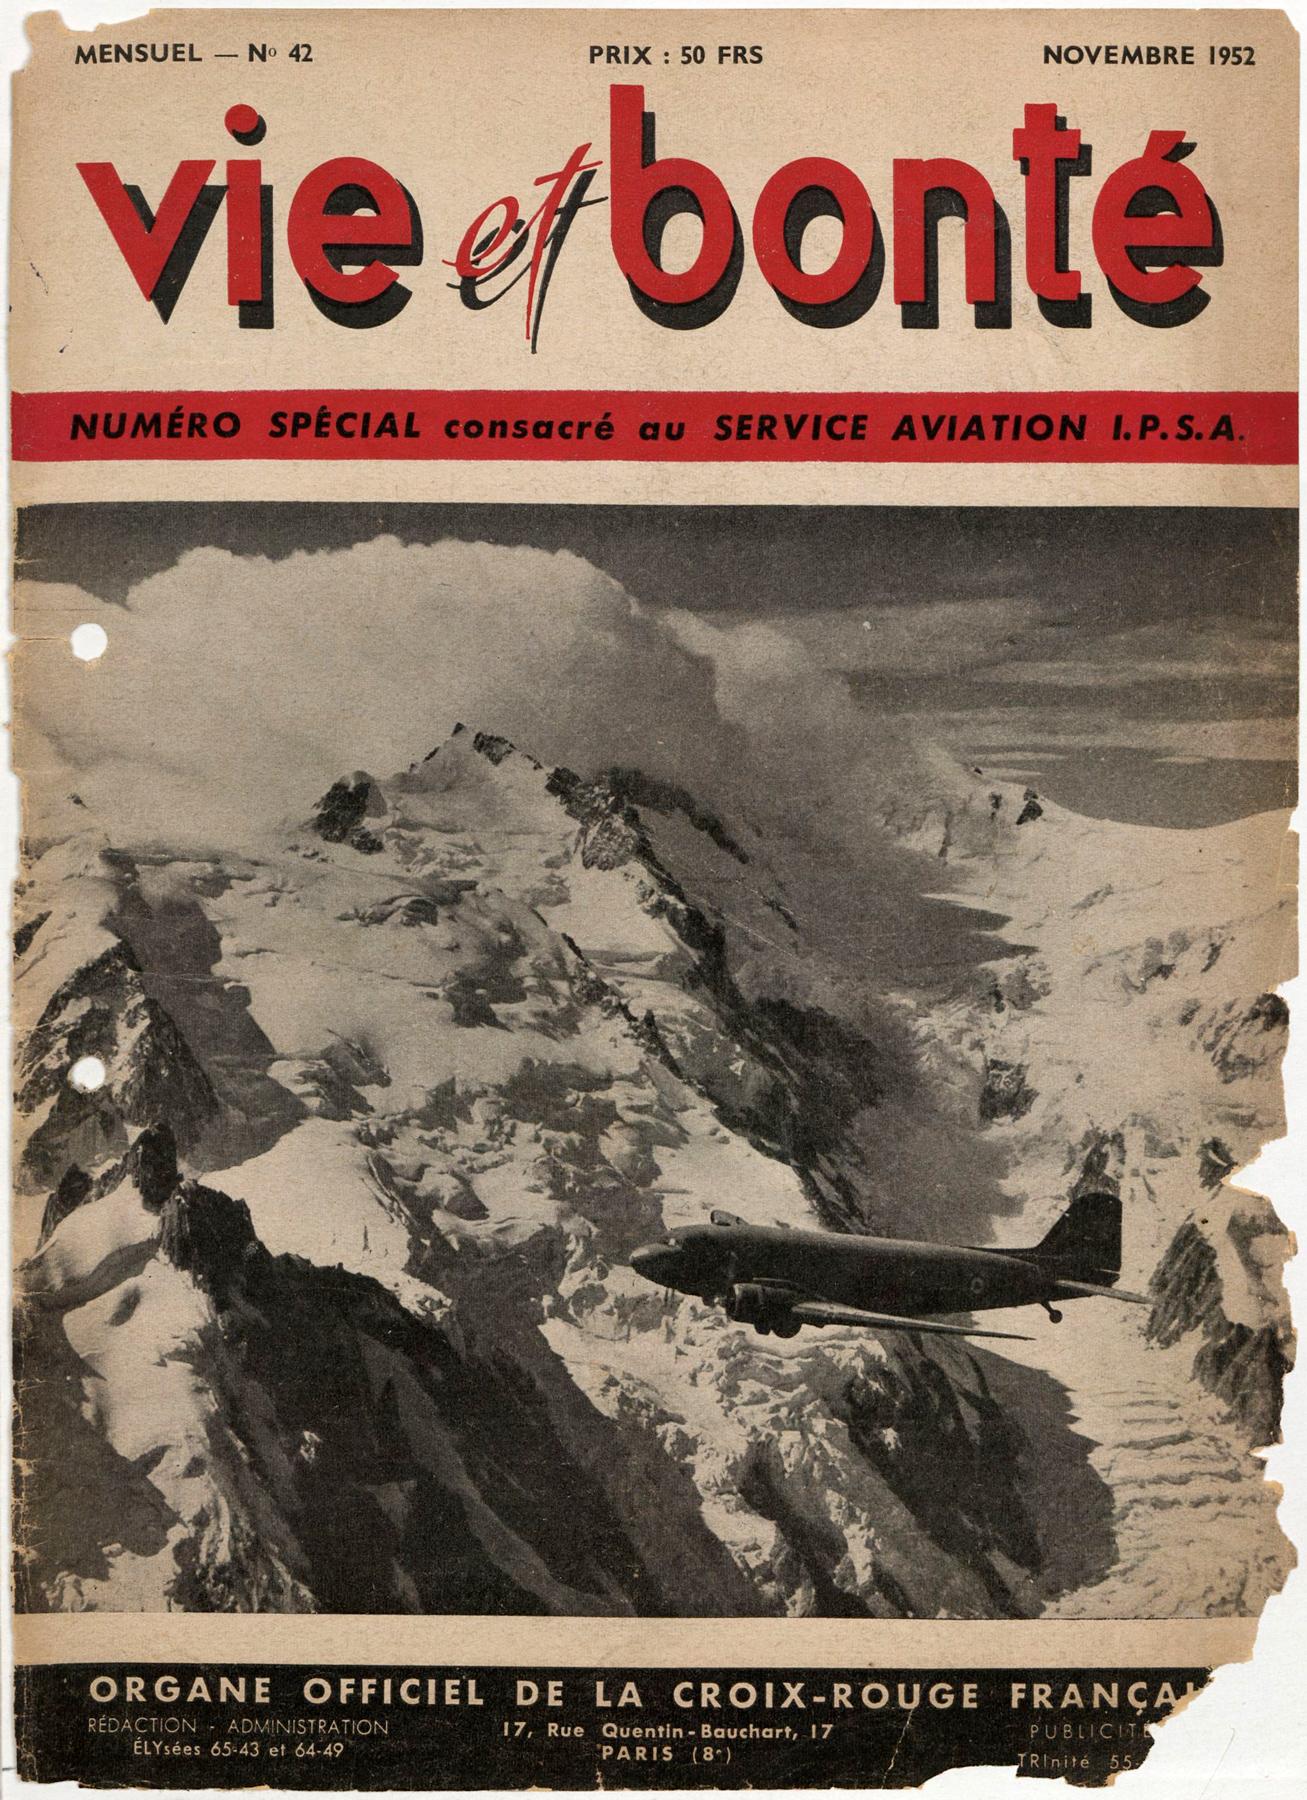 Vie_et_bonté_Croix-Rouge_française_nov-1952